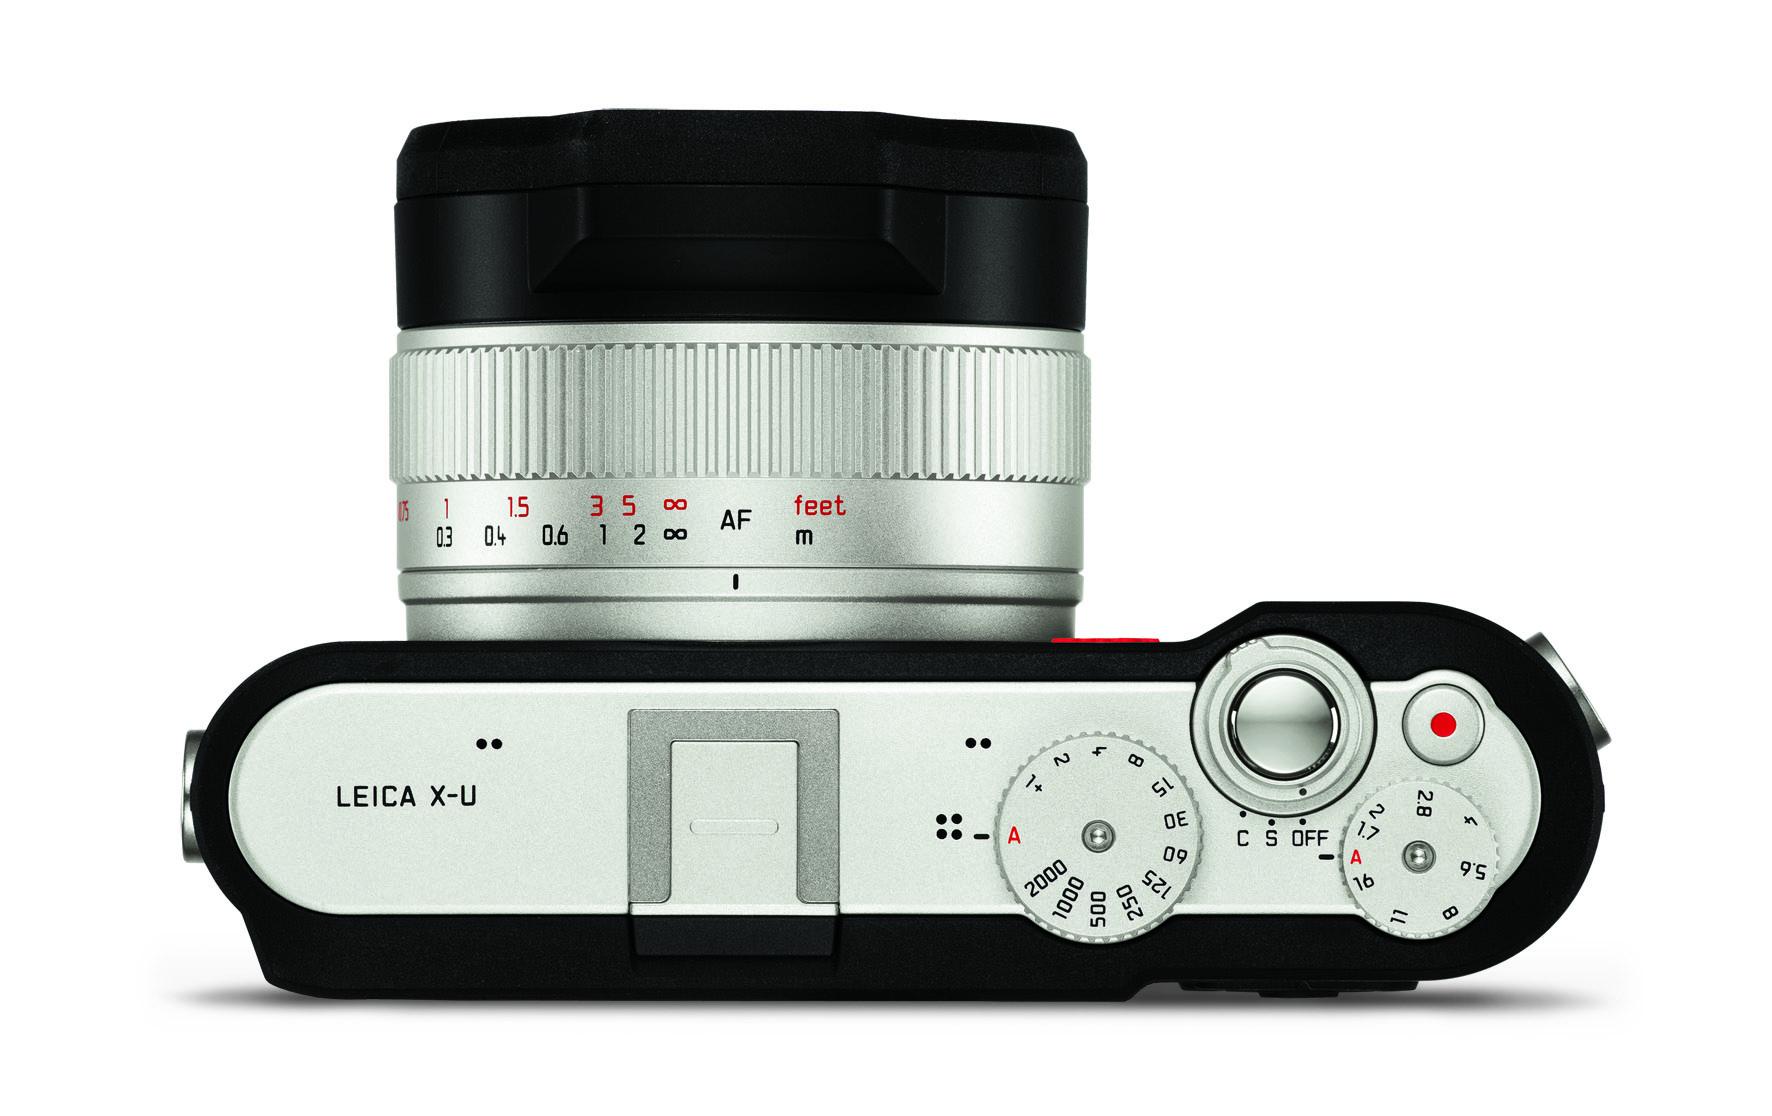 Leica_X-U_top.jpg